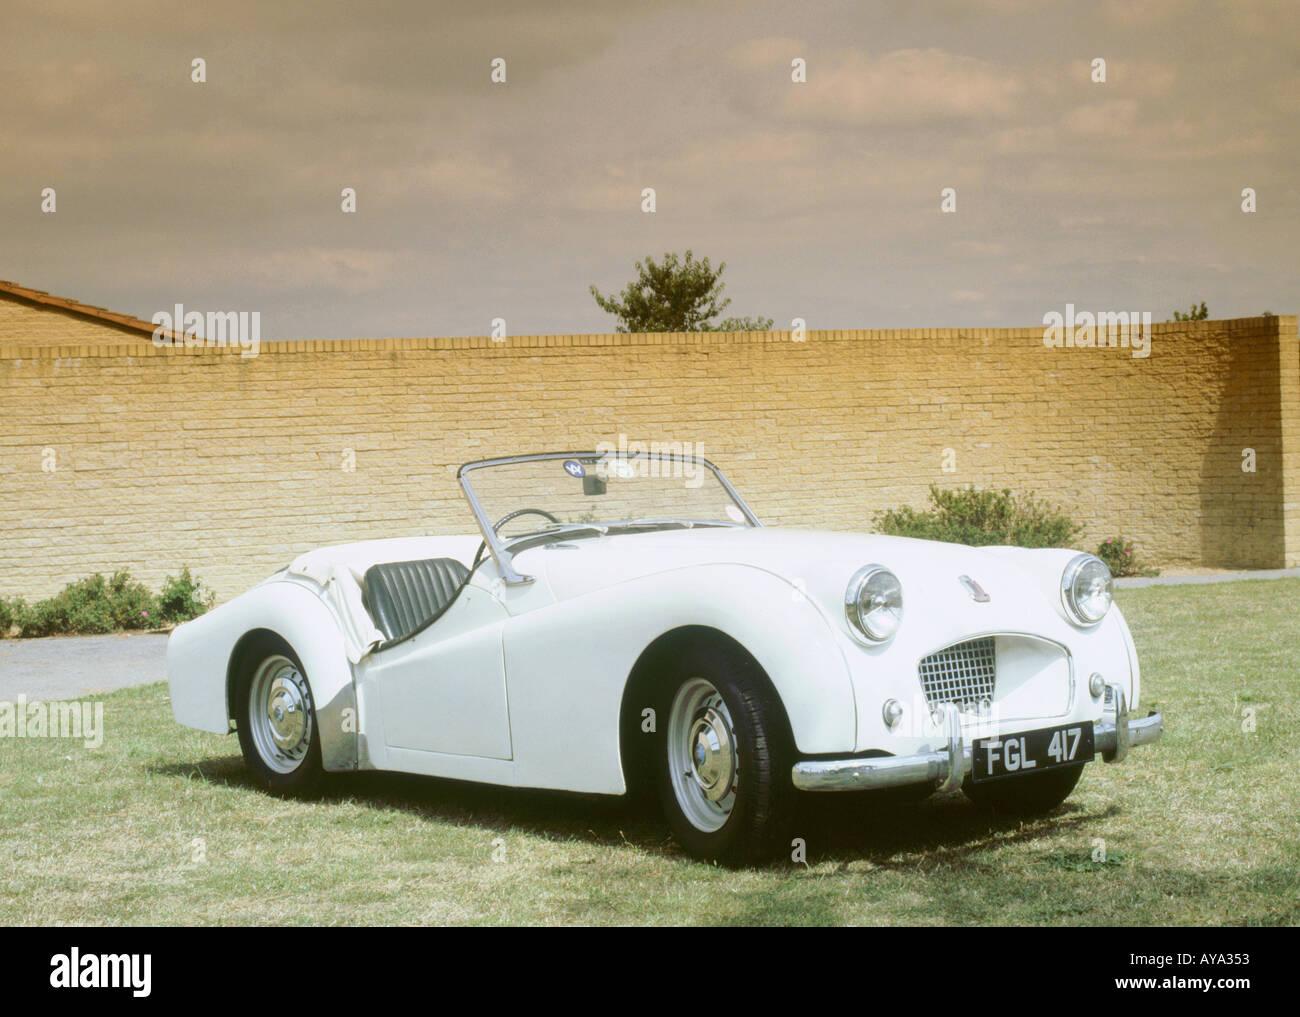 1955 Triumph TR2 - Stock Image